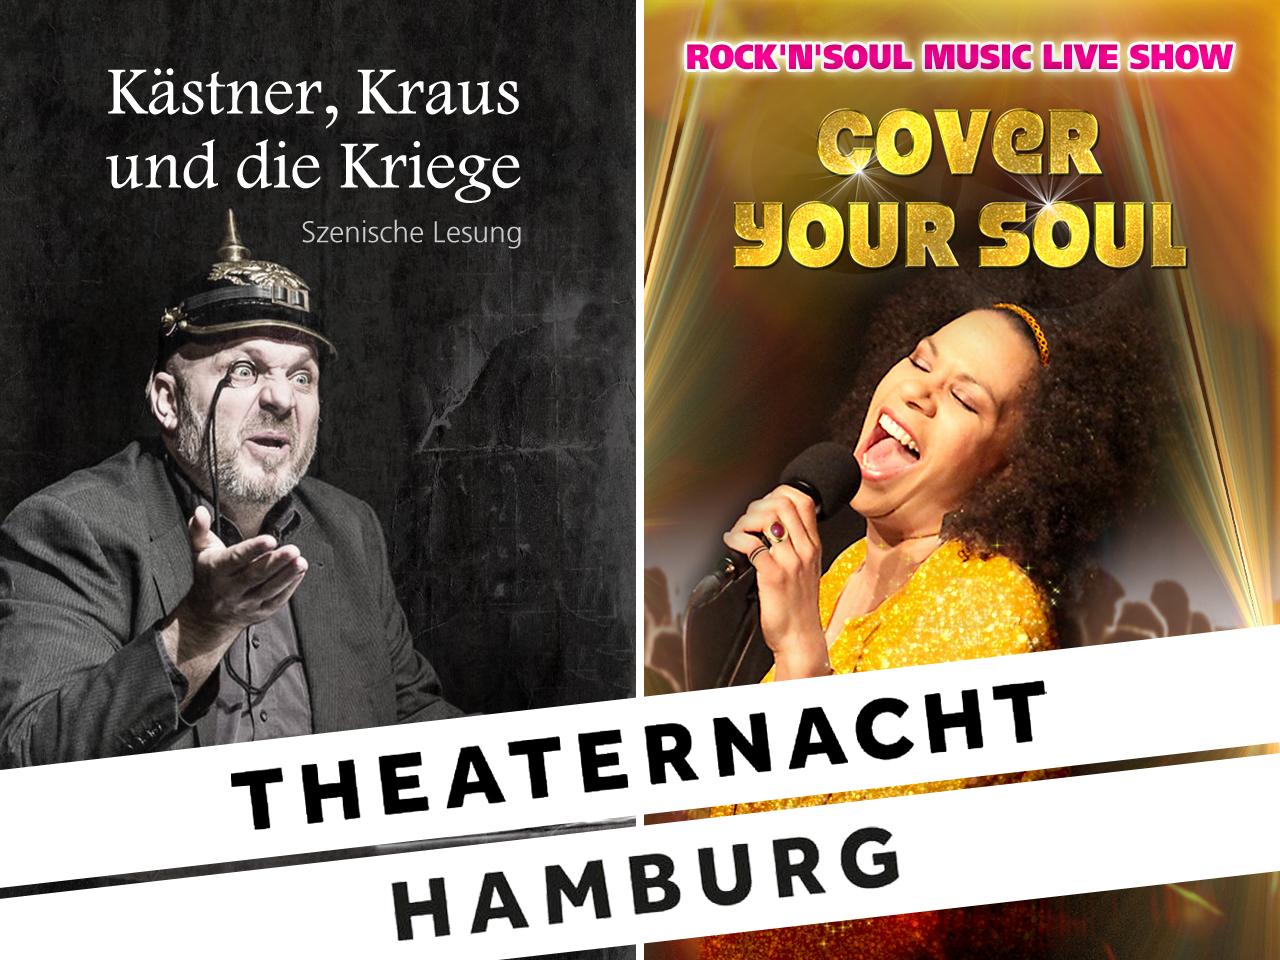 Theaternacht Hamburg 2018